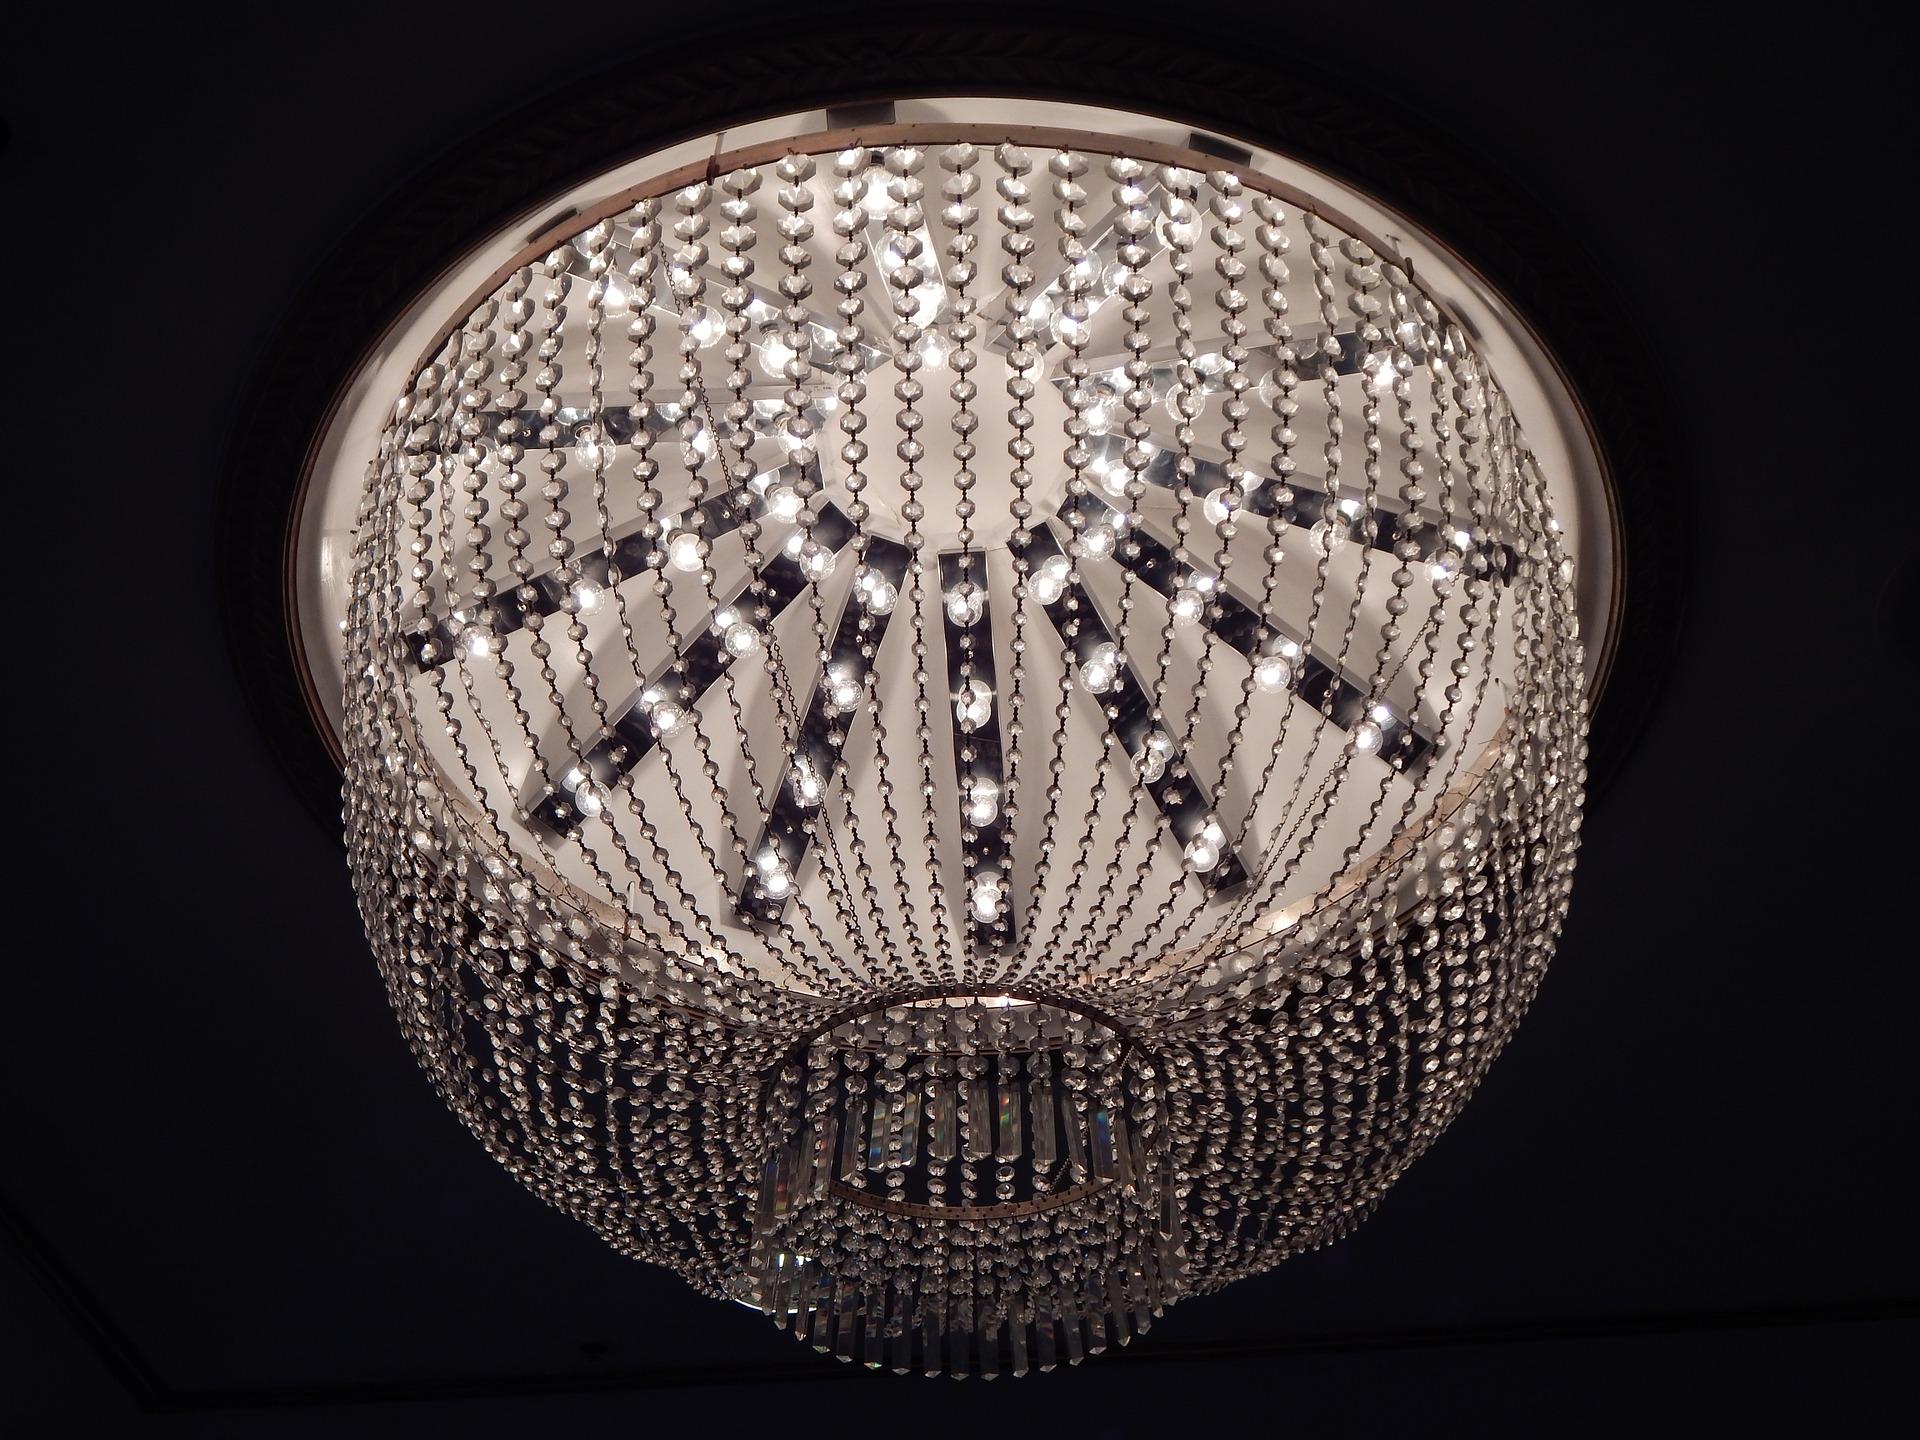 Lampy wiszące do przedpokoju - zalety wersji LED